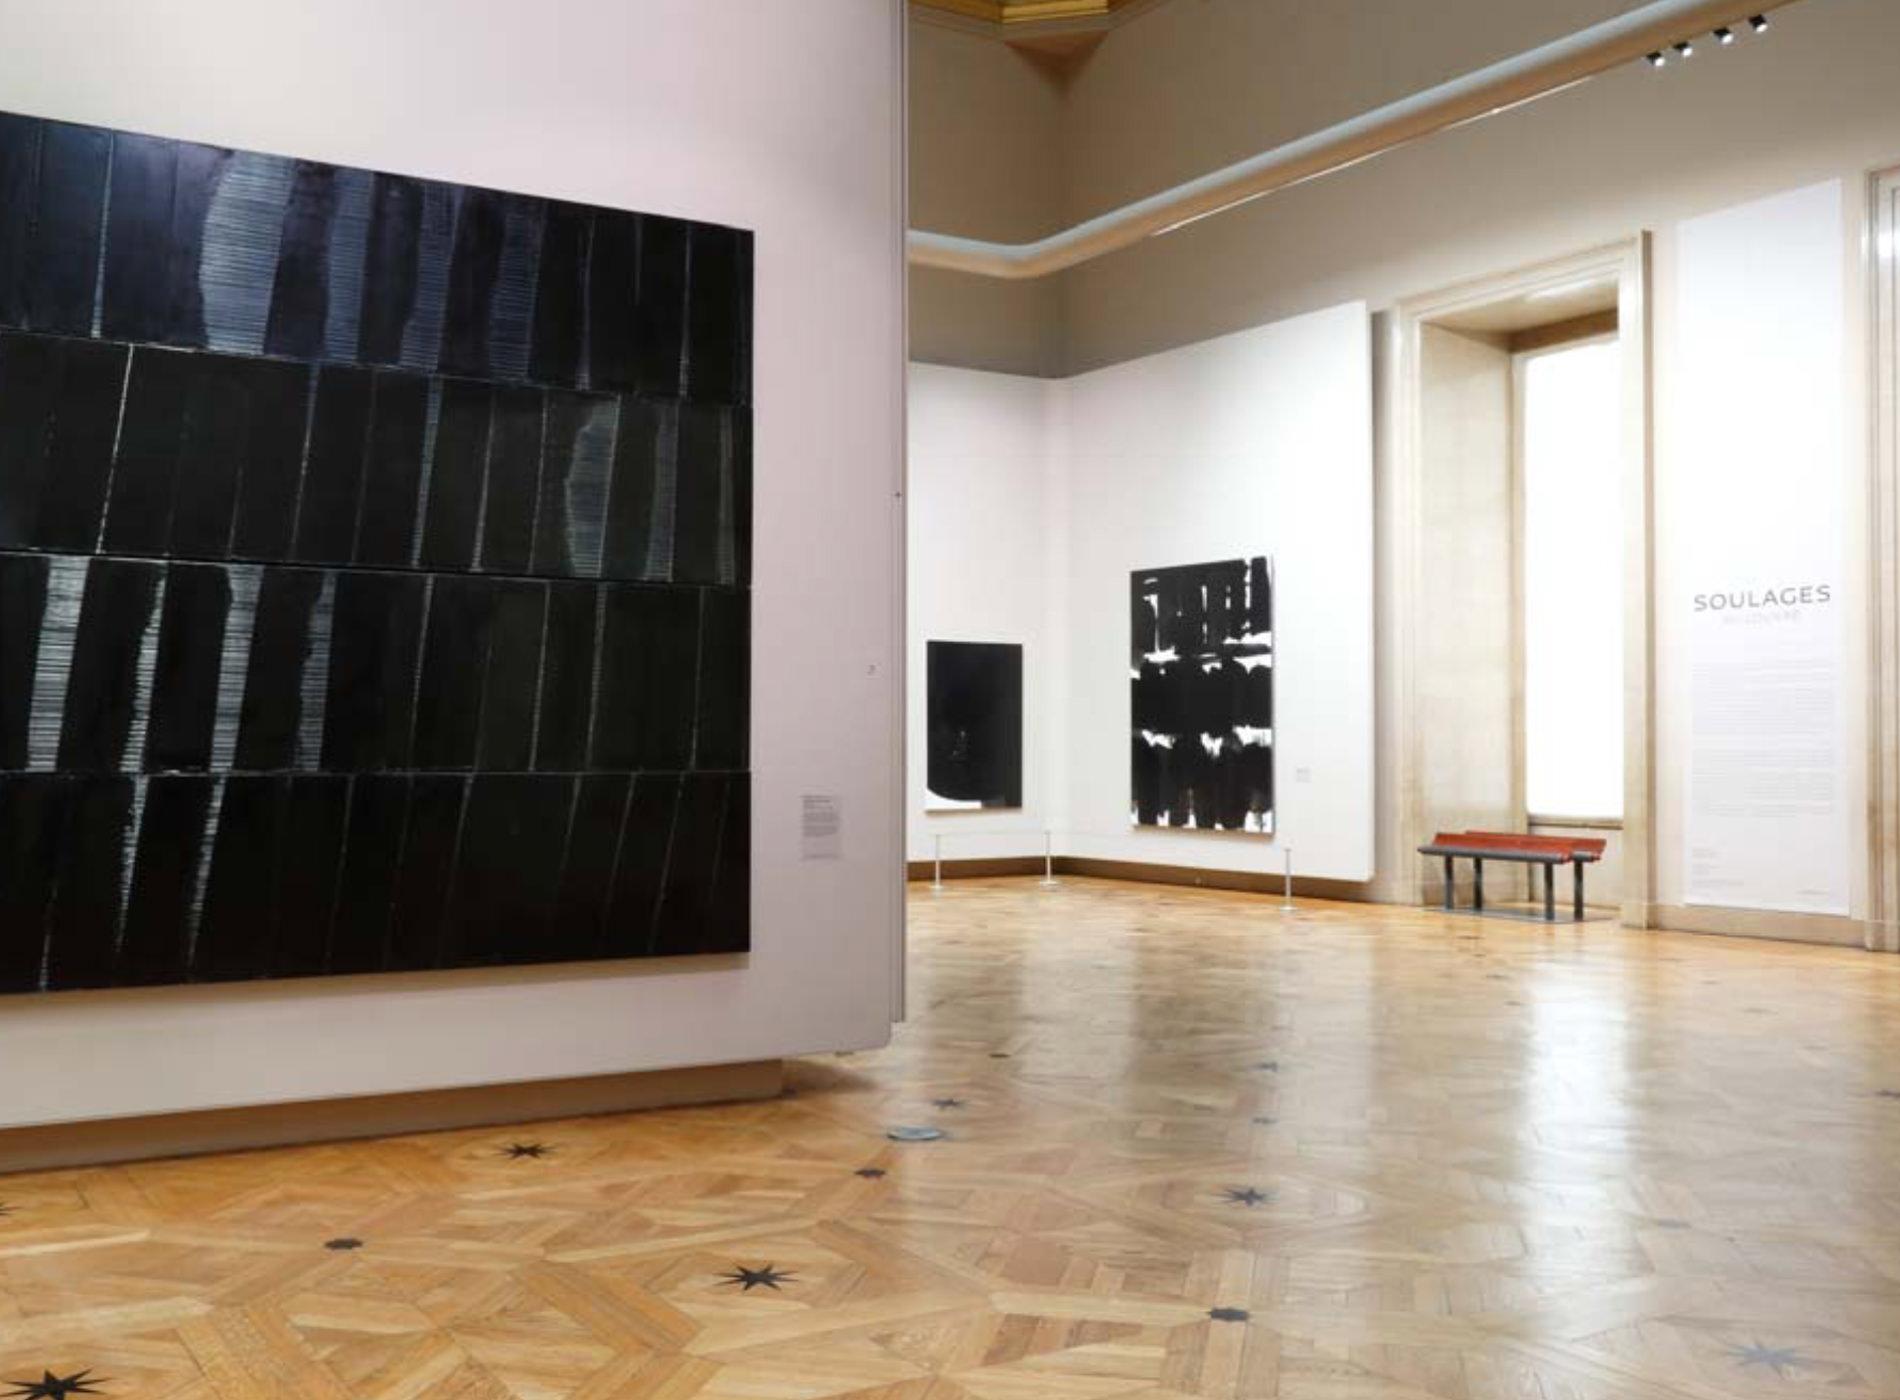 Pierre Soulages Exposition Louvre Salon Carré